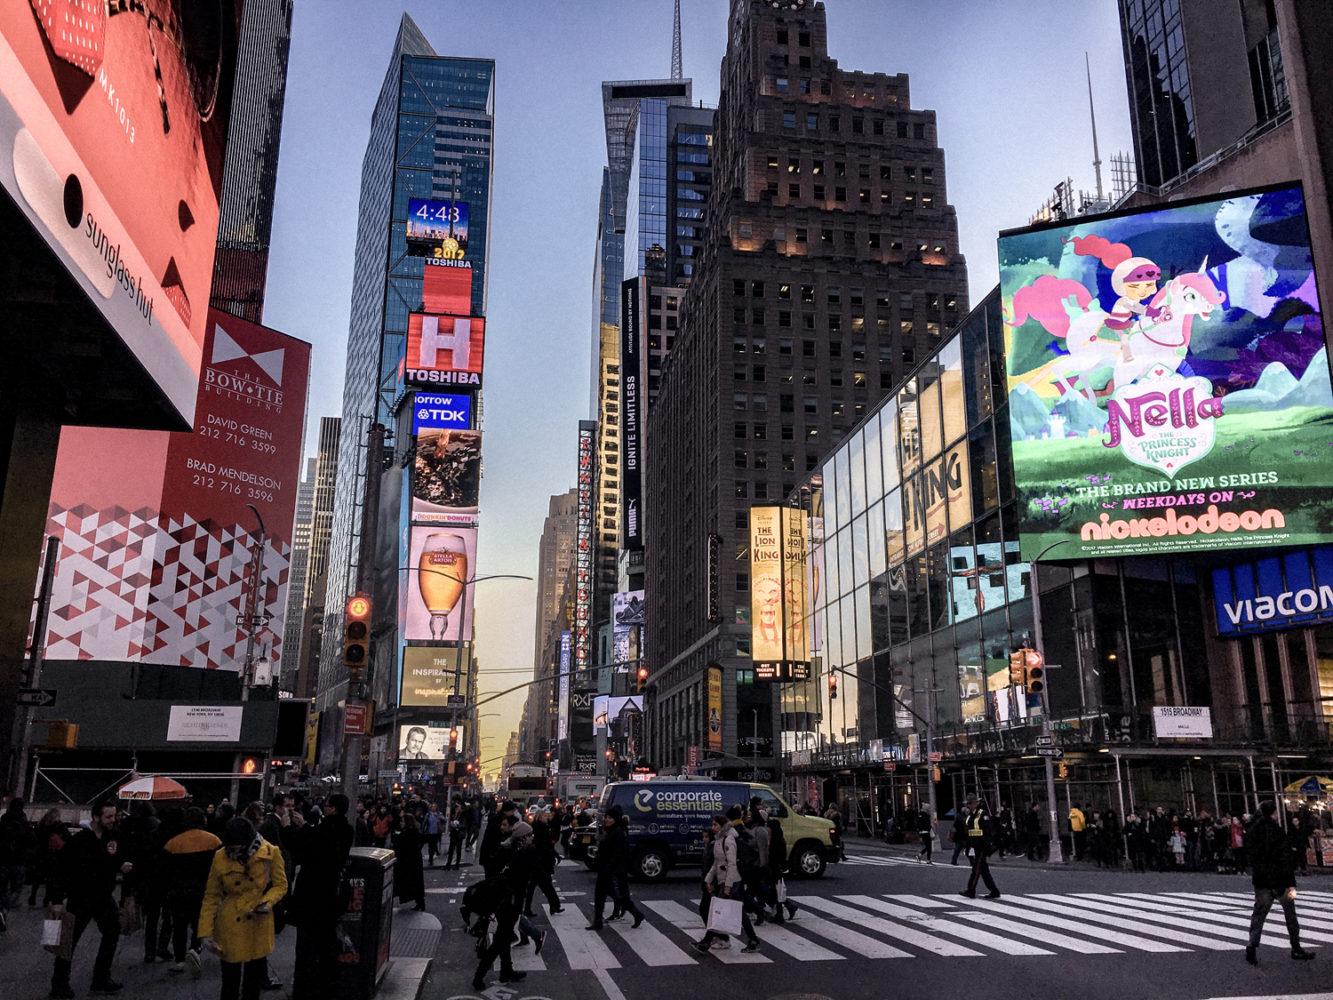 L'avenue principale de Times Square